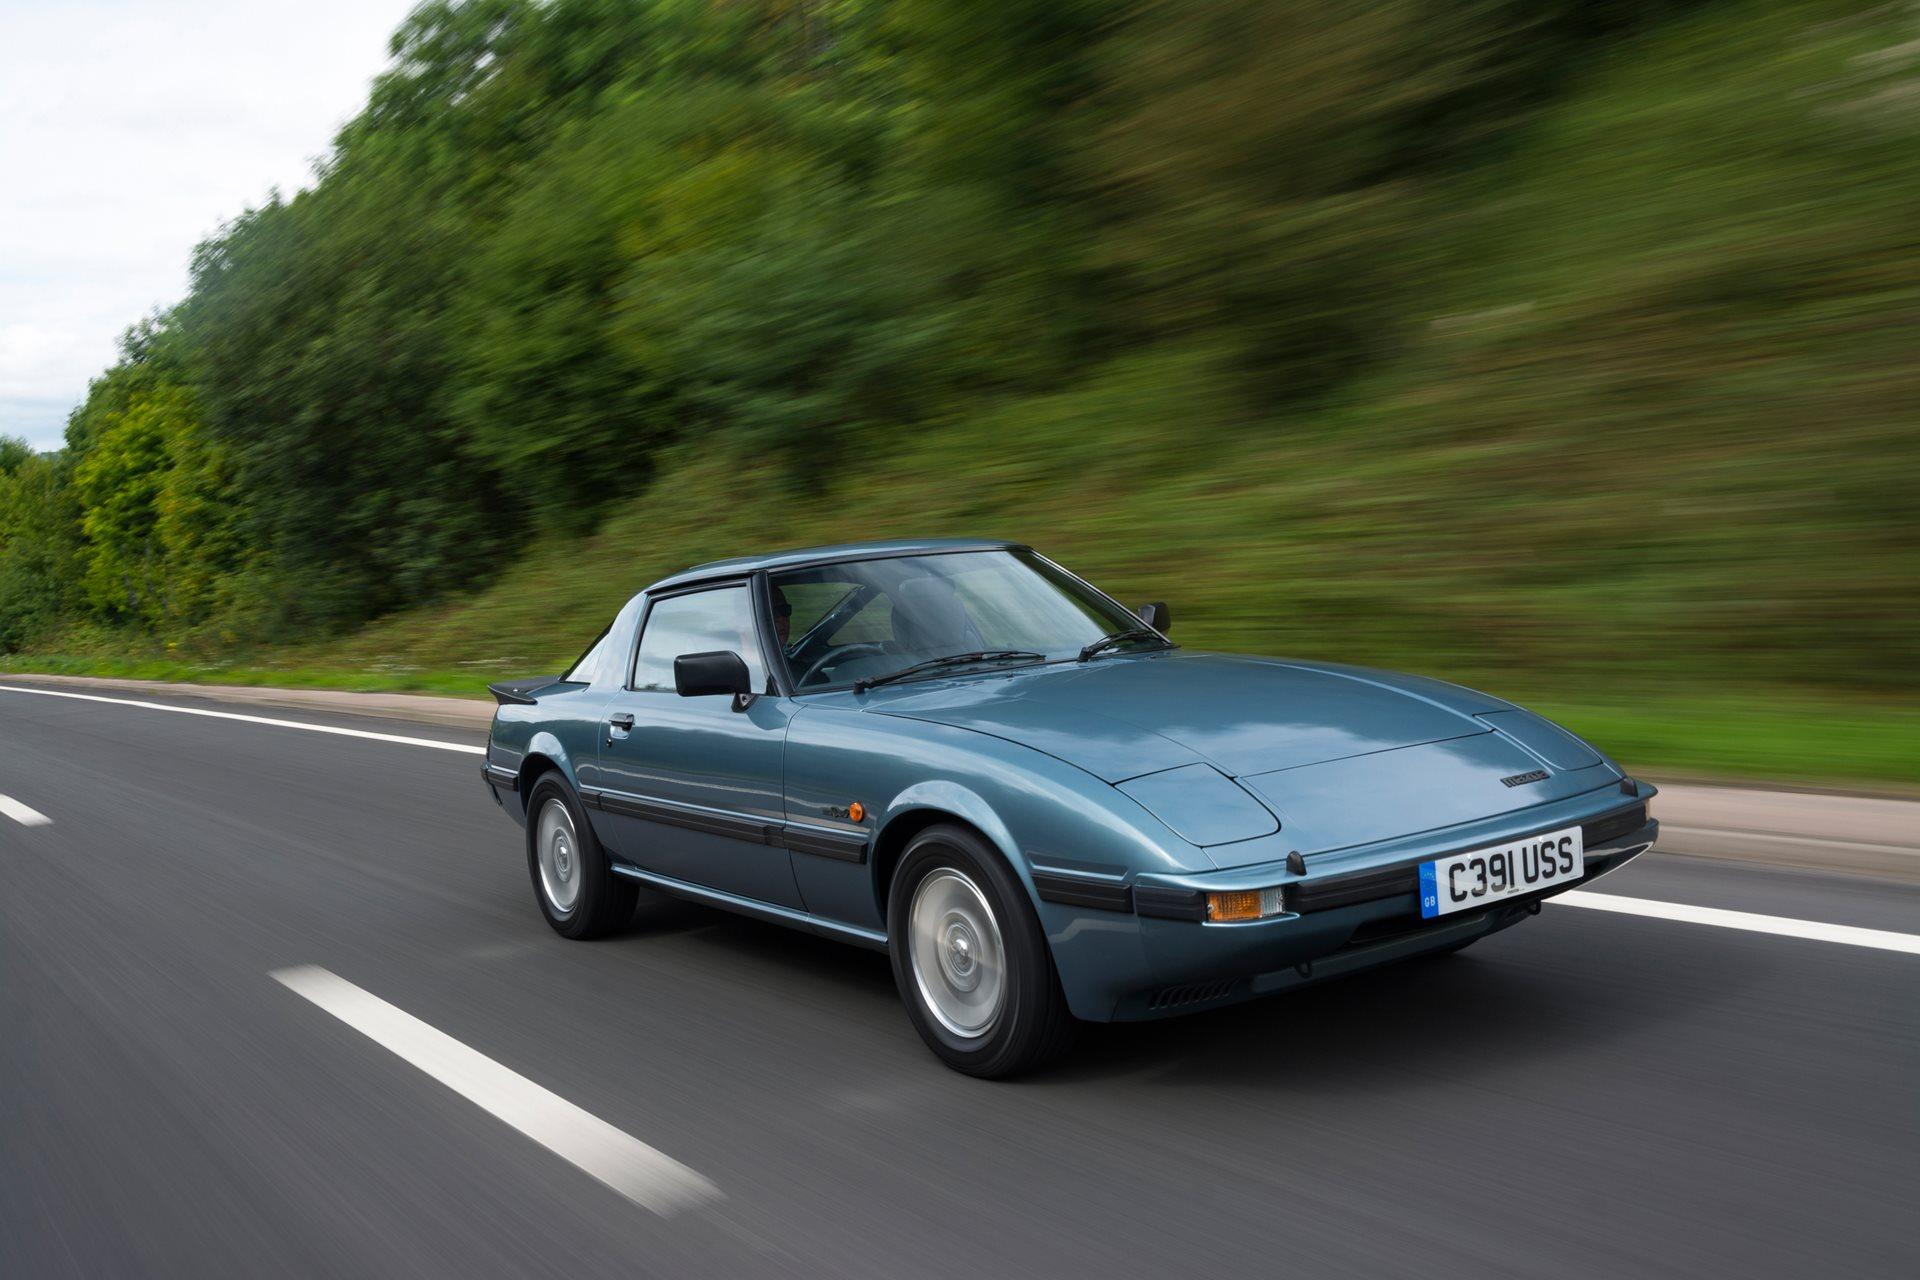 Mazda:Το στυλ,ο σεβασμός και η δυναστεία